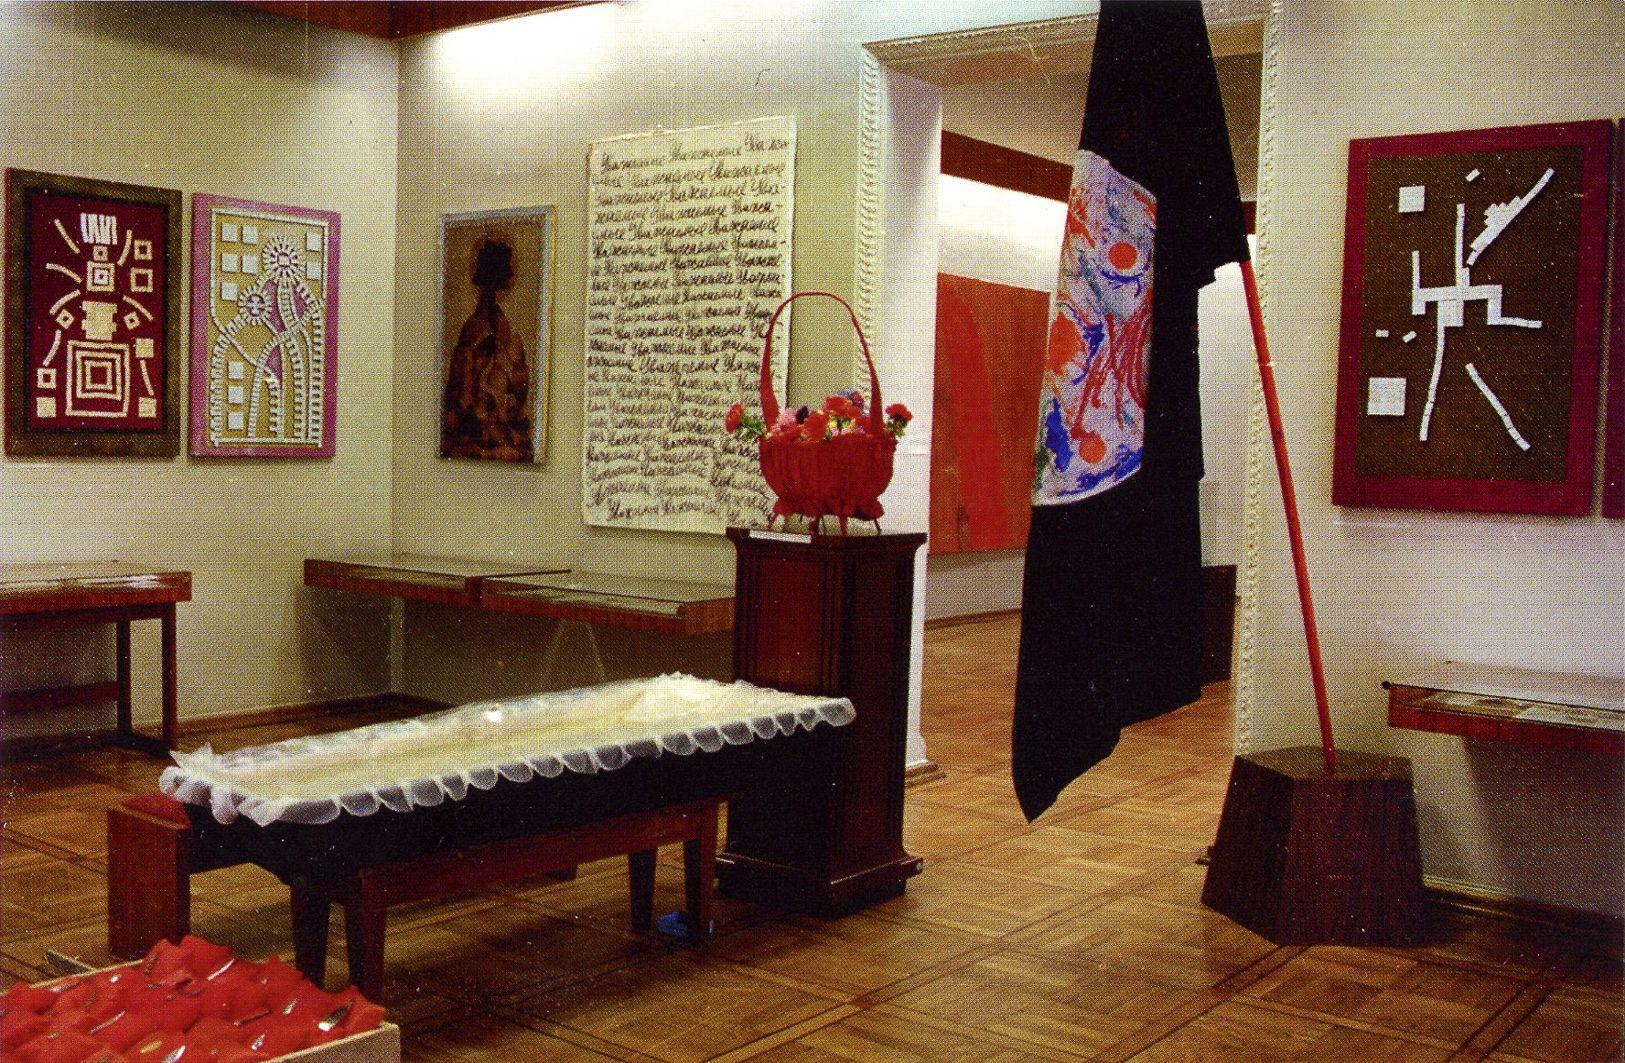 Платон Сільвестров. Зала Платона Сільвестрова, «Дефлорація», 1990, Львів